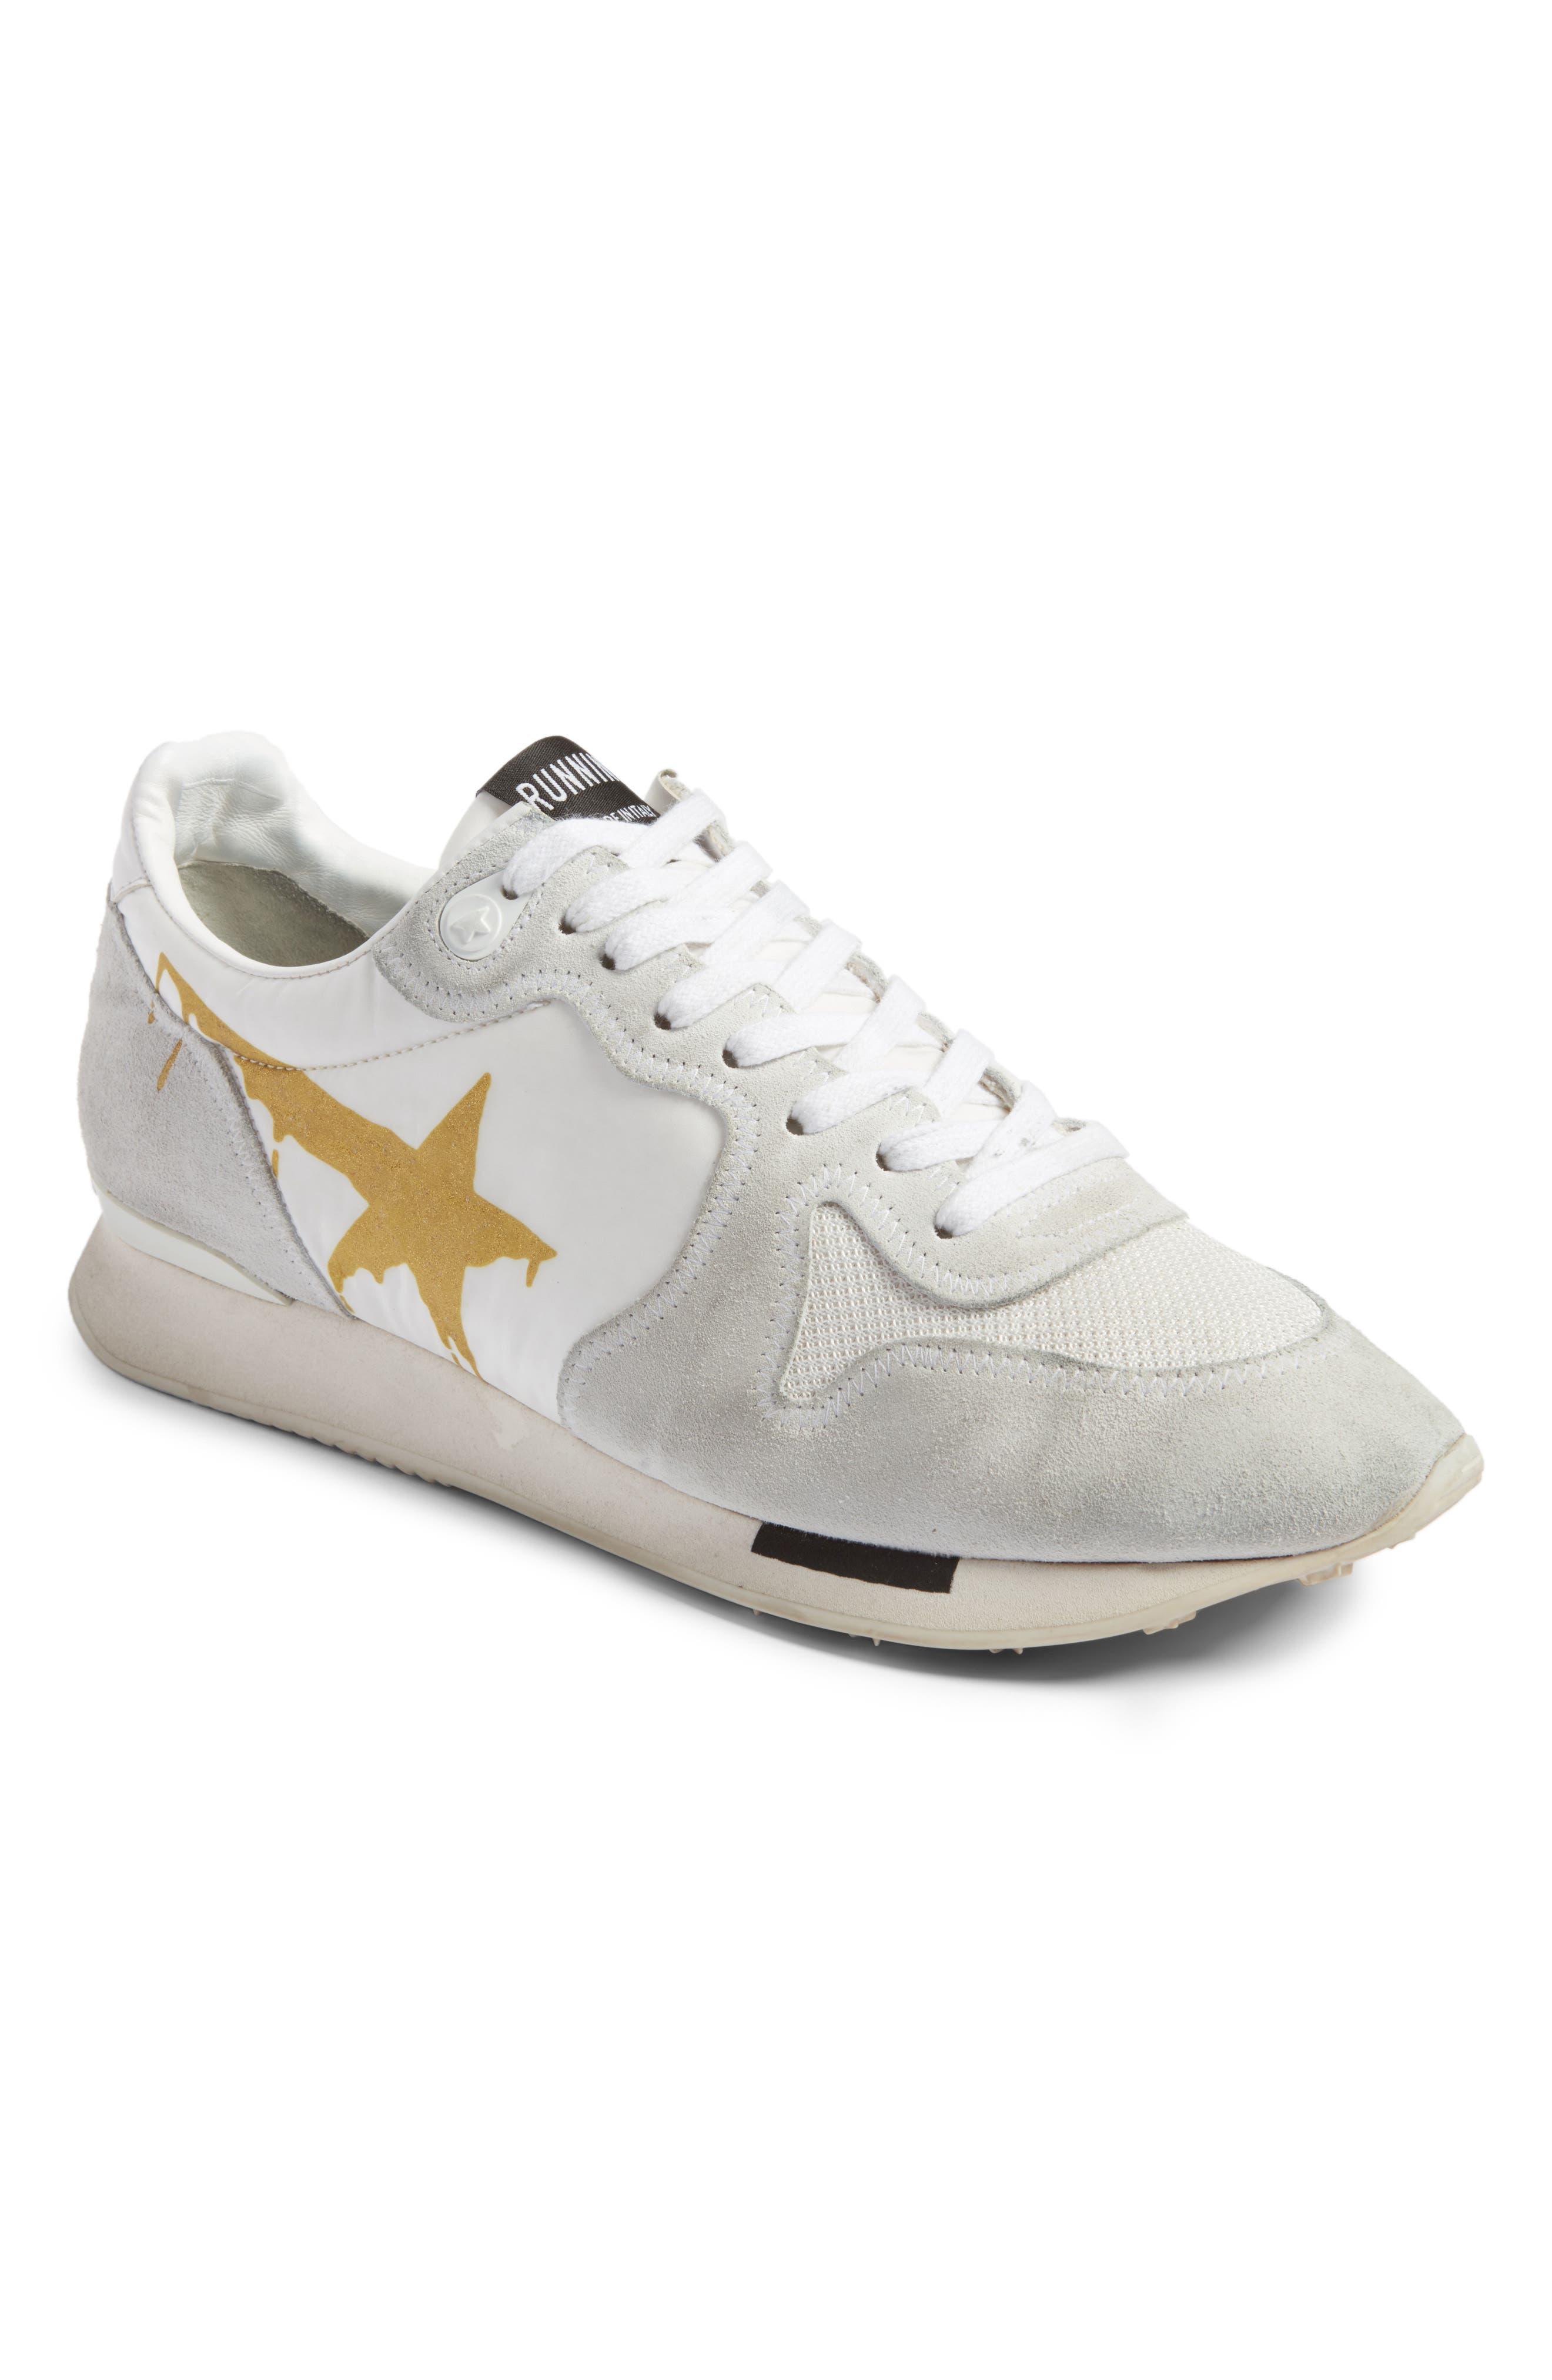 Alternate Image 1 Selected - Golden Goose Running Trainer Sneaker (Women)